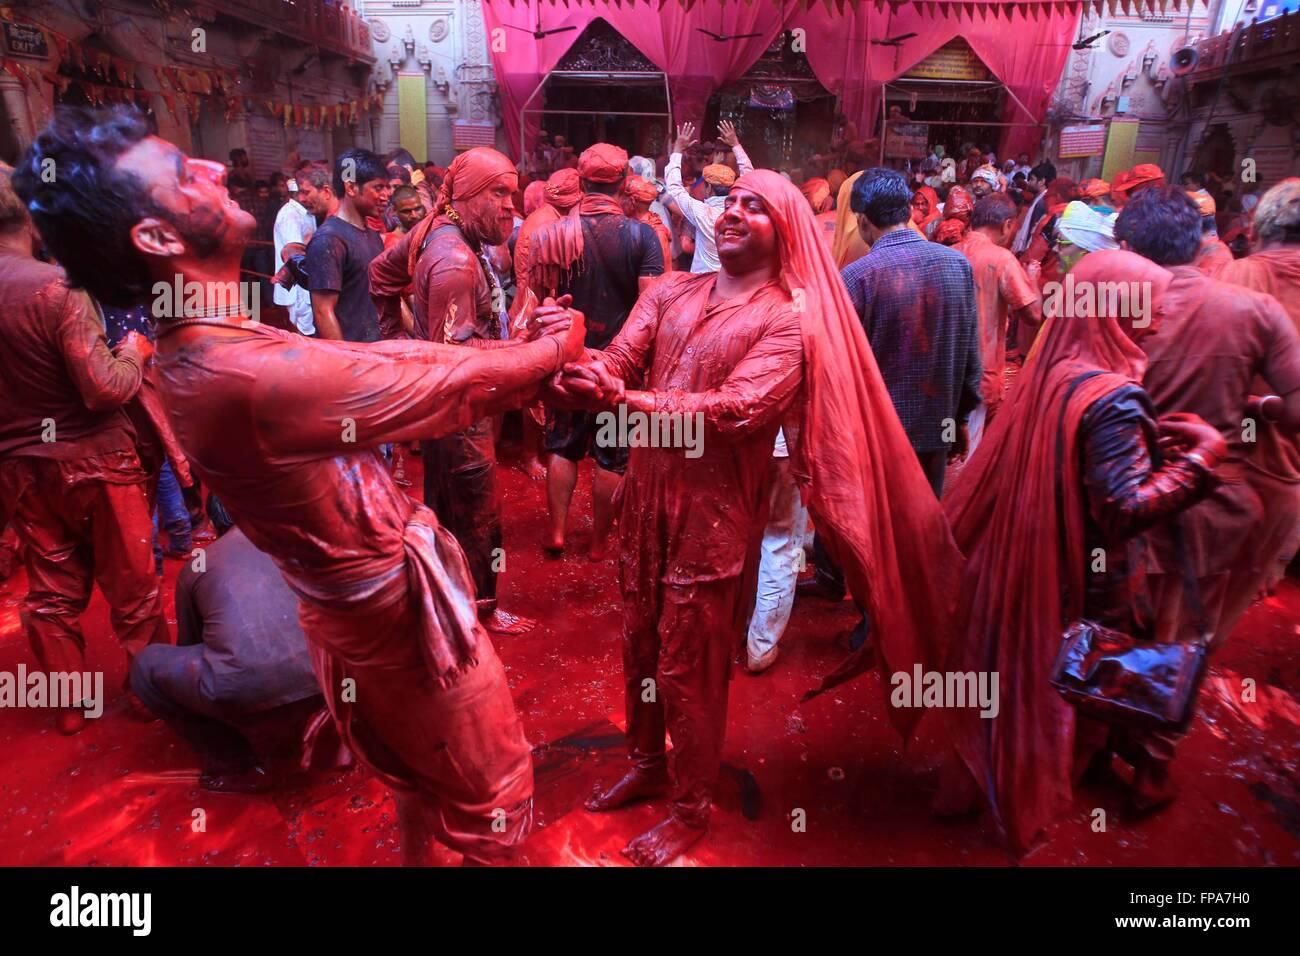 Barsana, India  17th Mar, 2016  Indian hindu devotees throw